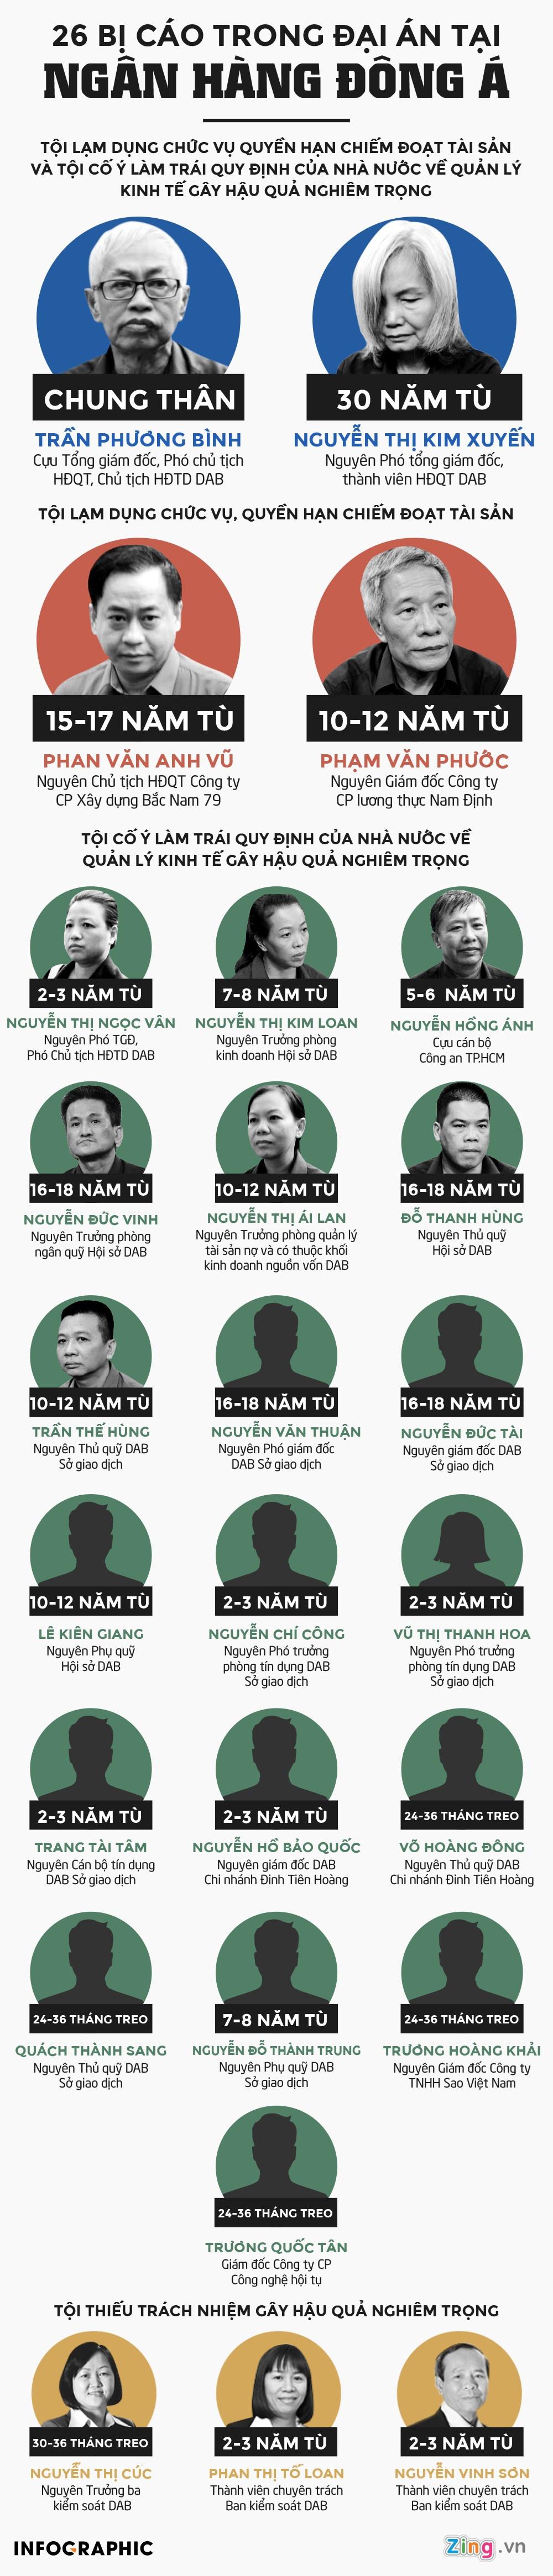 Tran Phuong Binh: 'Kiep sau xin lam trau ngua de chuoc loi' hinh anh 3